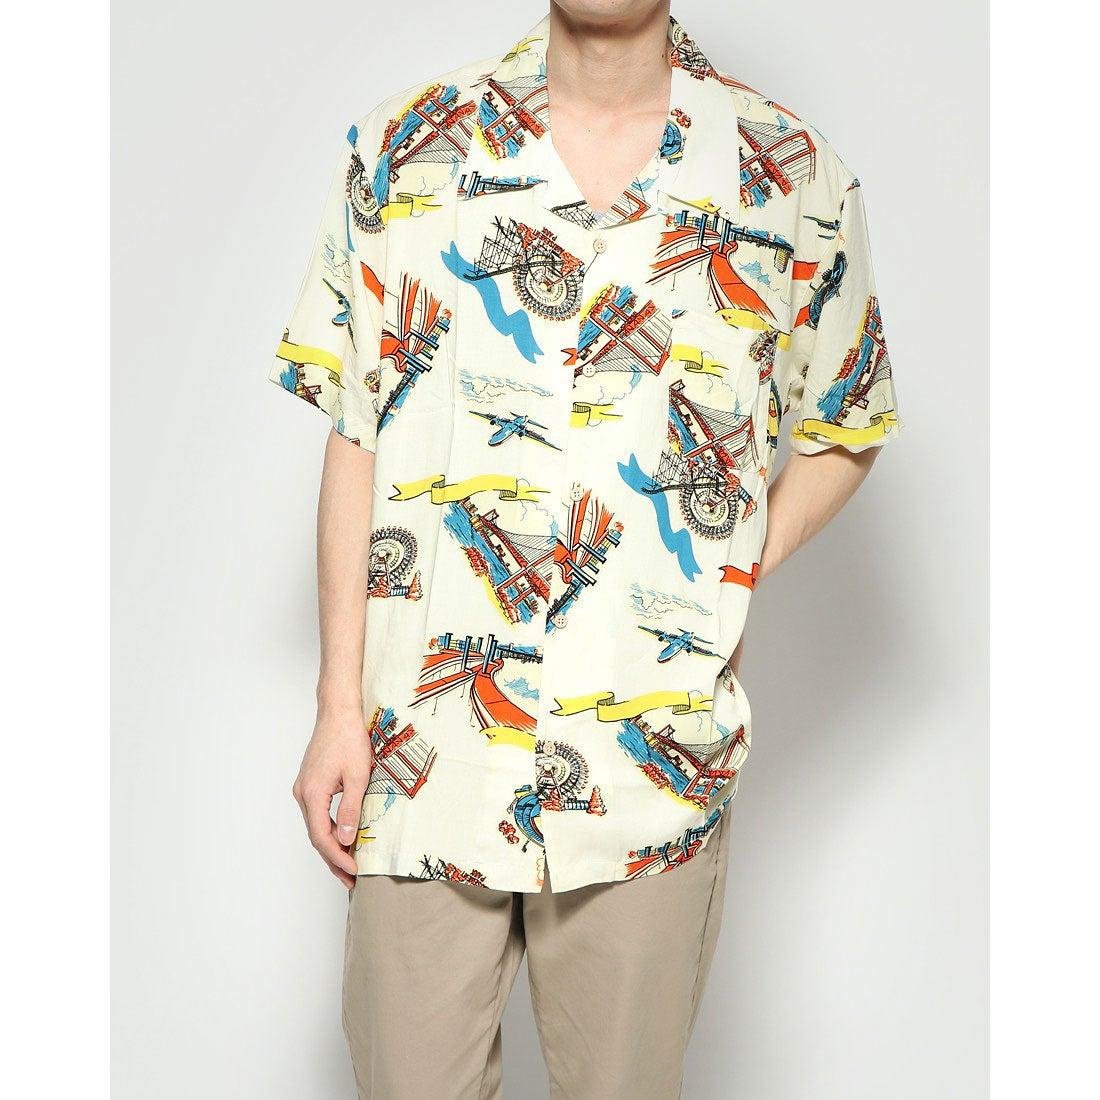 ロコンド 靴とファッションの通販サイトスタイルブロック STYLEBLOCK KINGレーヨンアロハシャツ (Hホワイト)